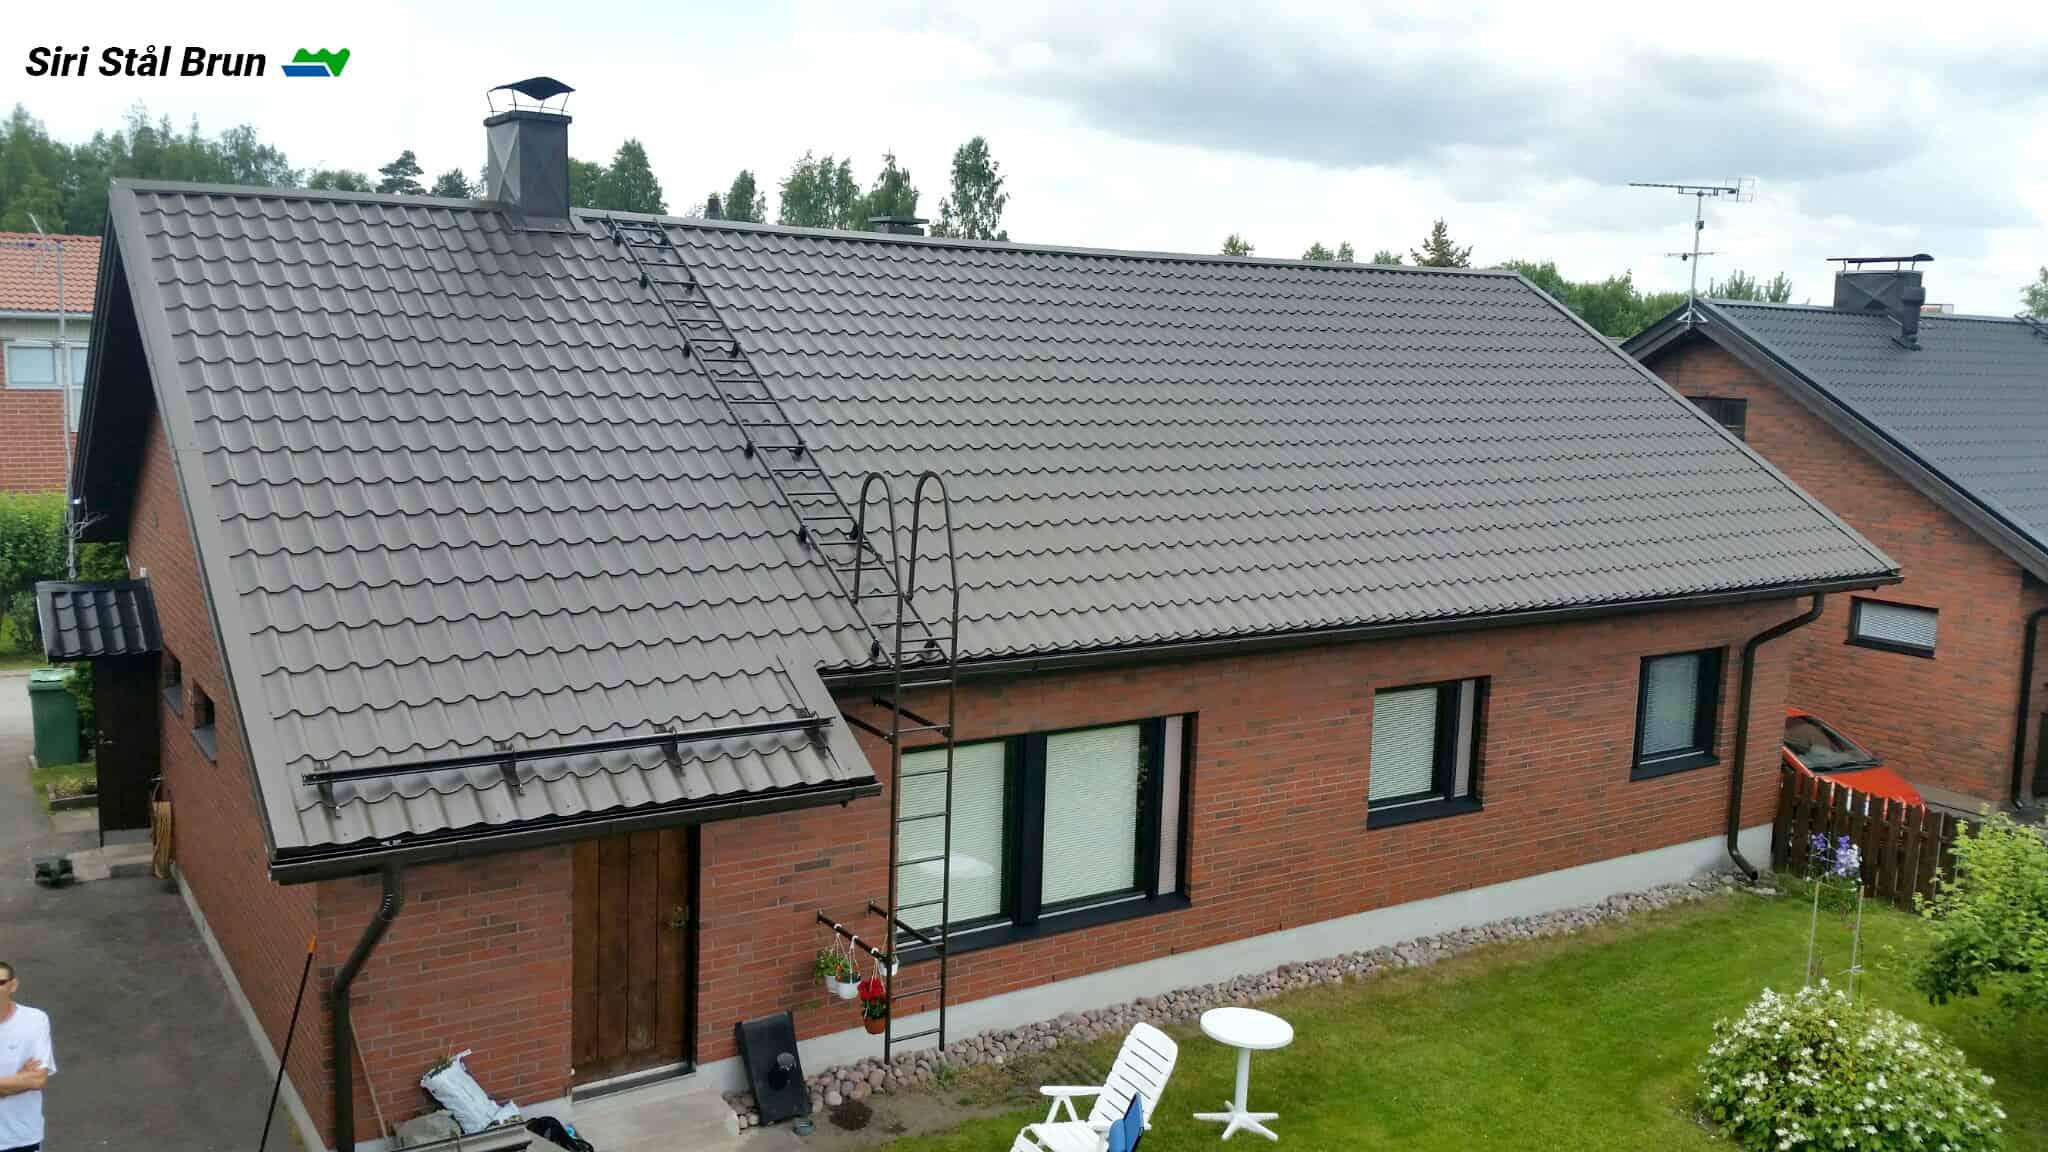 """Referensjobb """"Siri Stål Brun"""" utfört av Vesivek Sverige AB"""